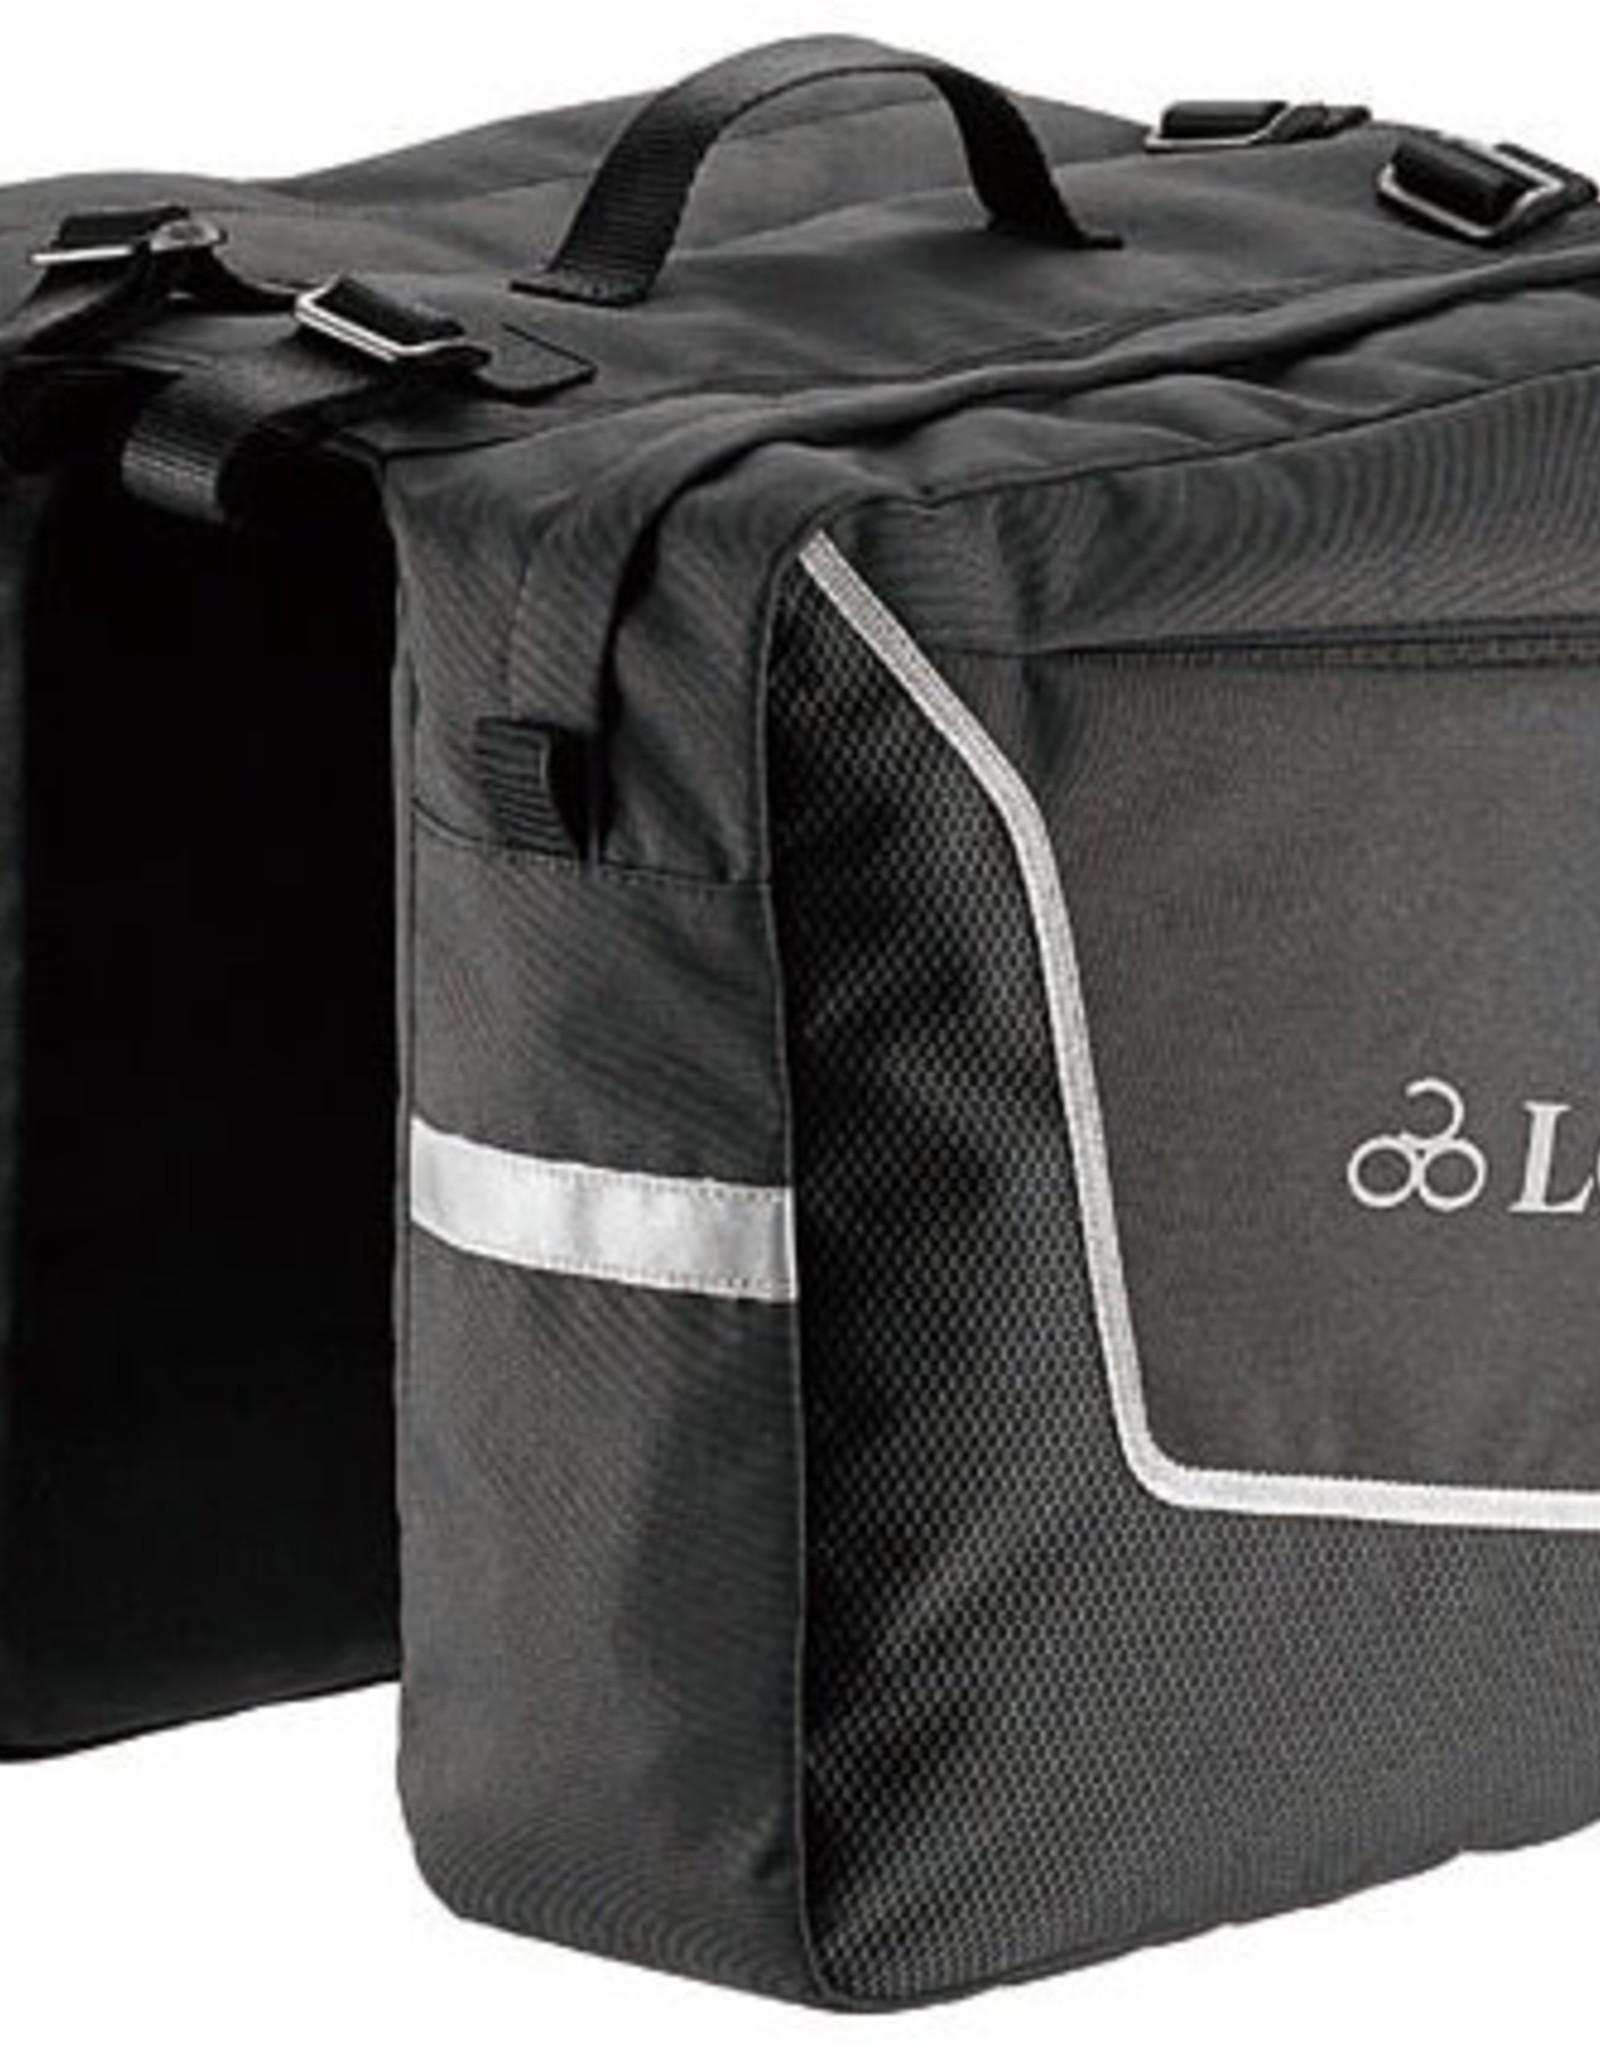 Lotus SH4-104G Commuter Double Pannier Bags (18L)